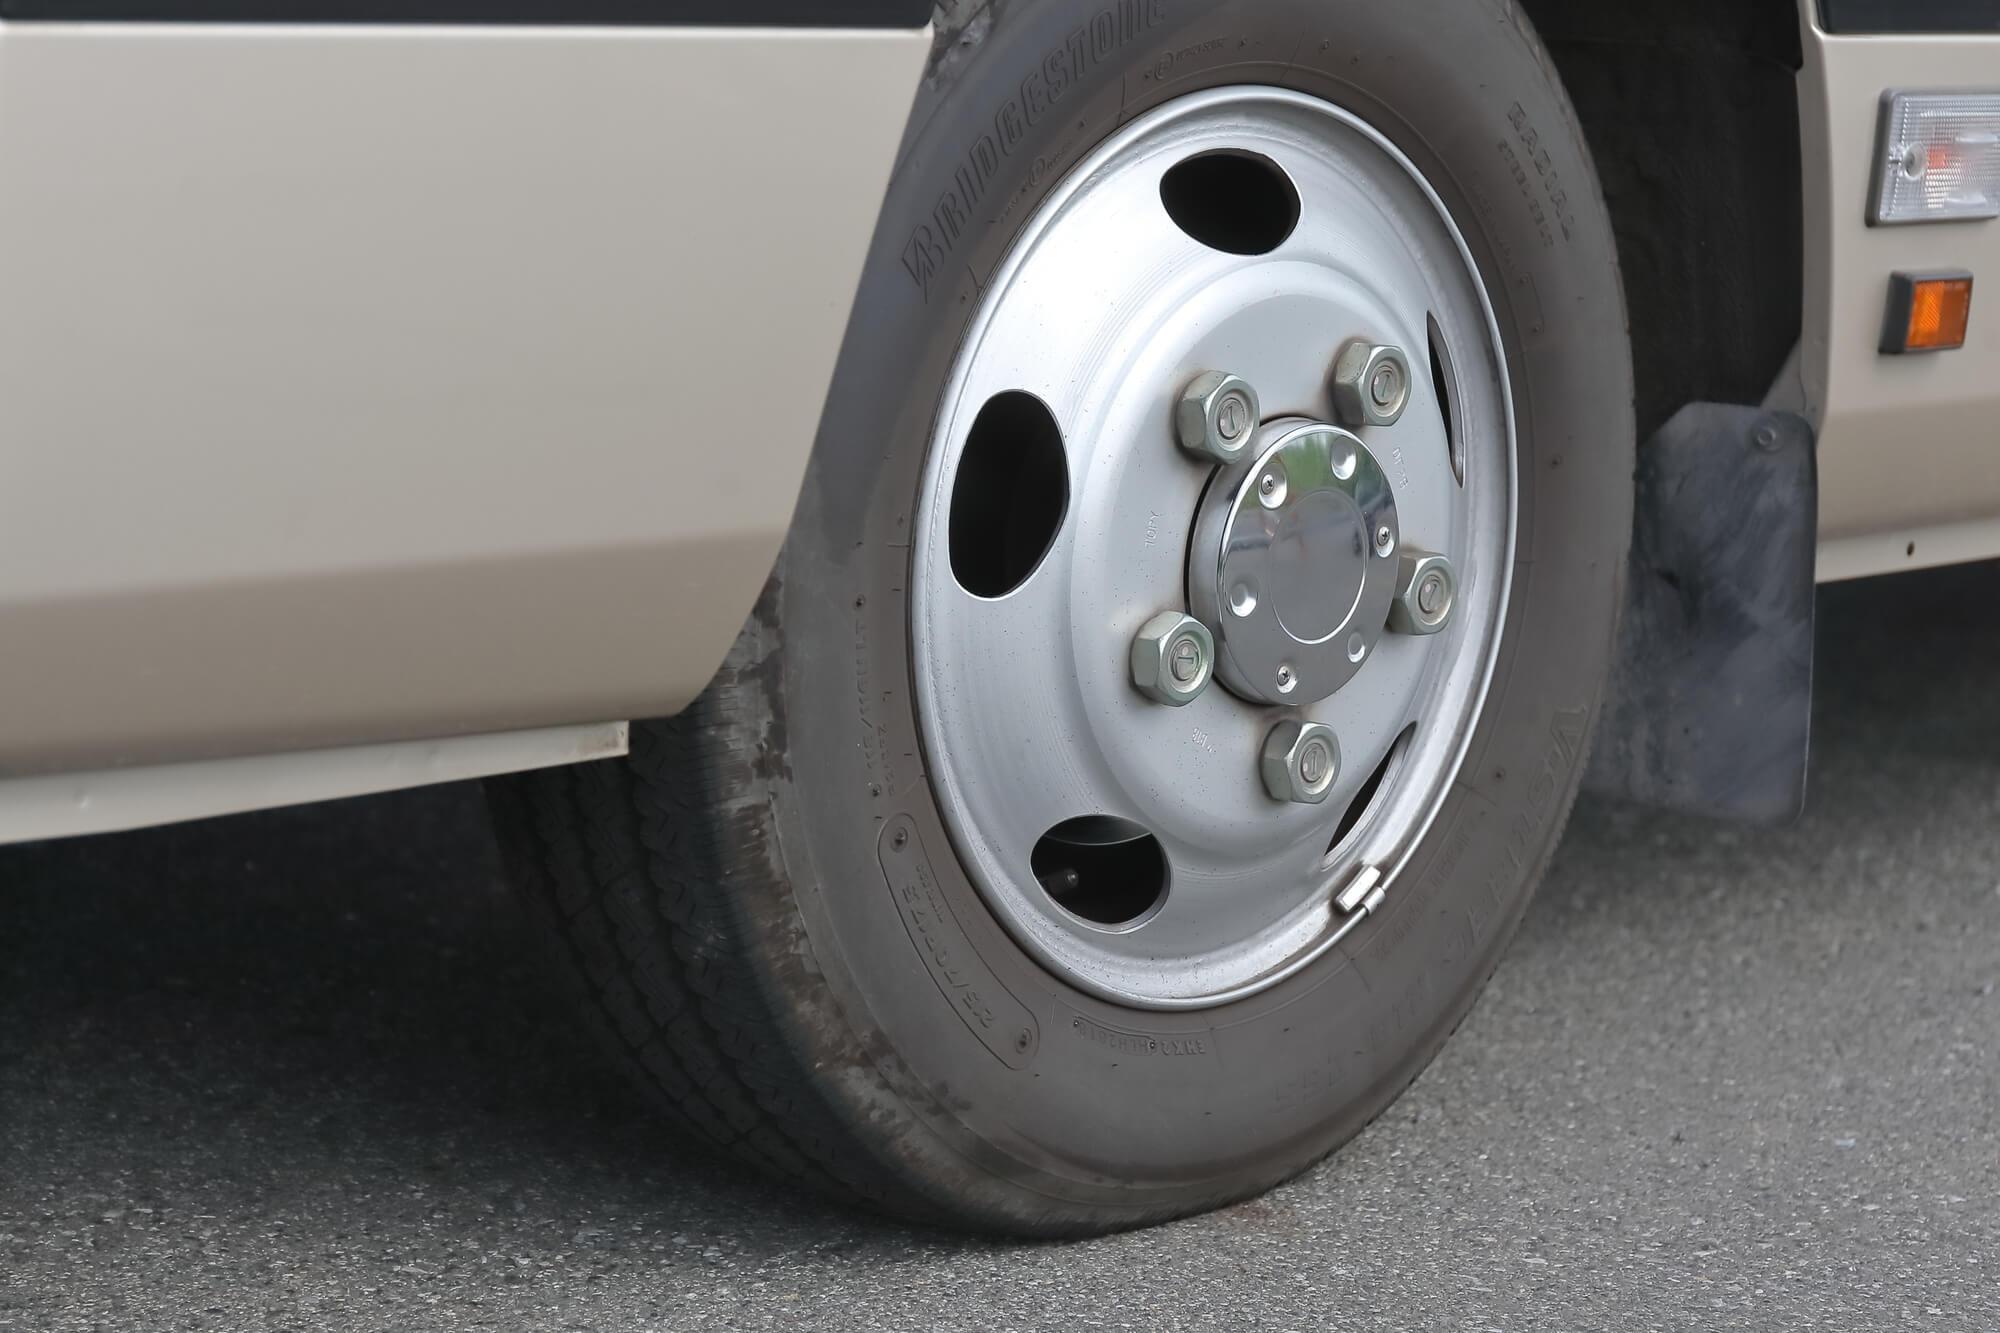 高圧洗浄機 洗車 ブログ03